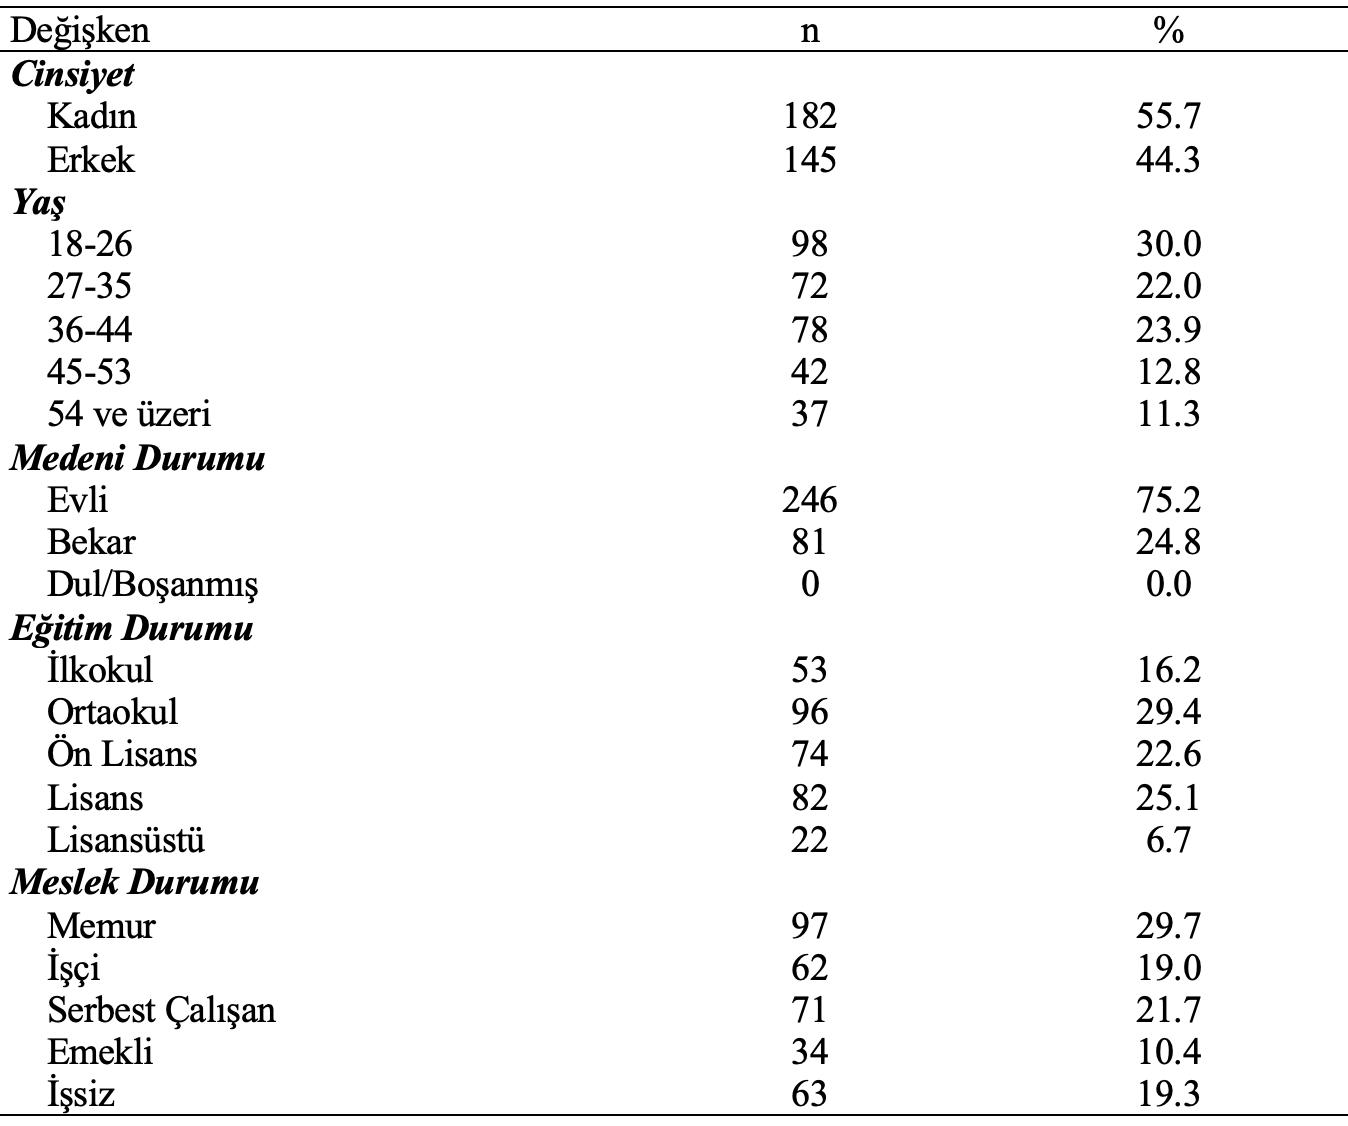 hasta demografik özellik analiz